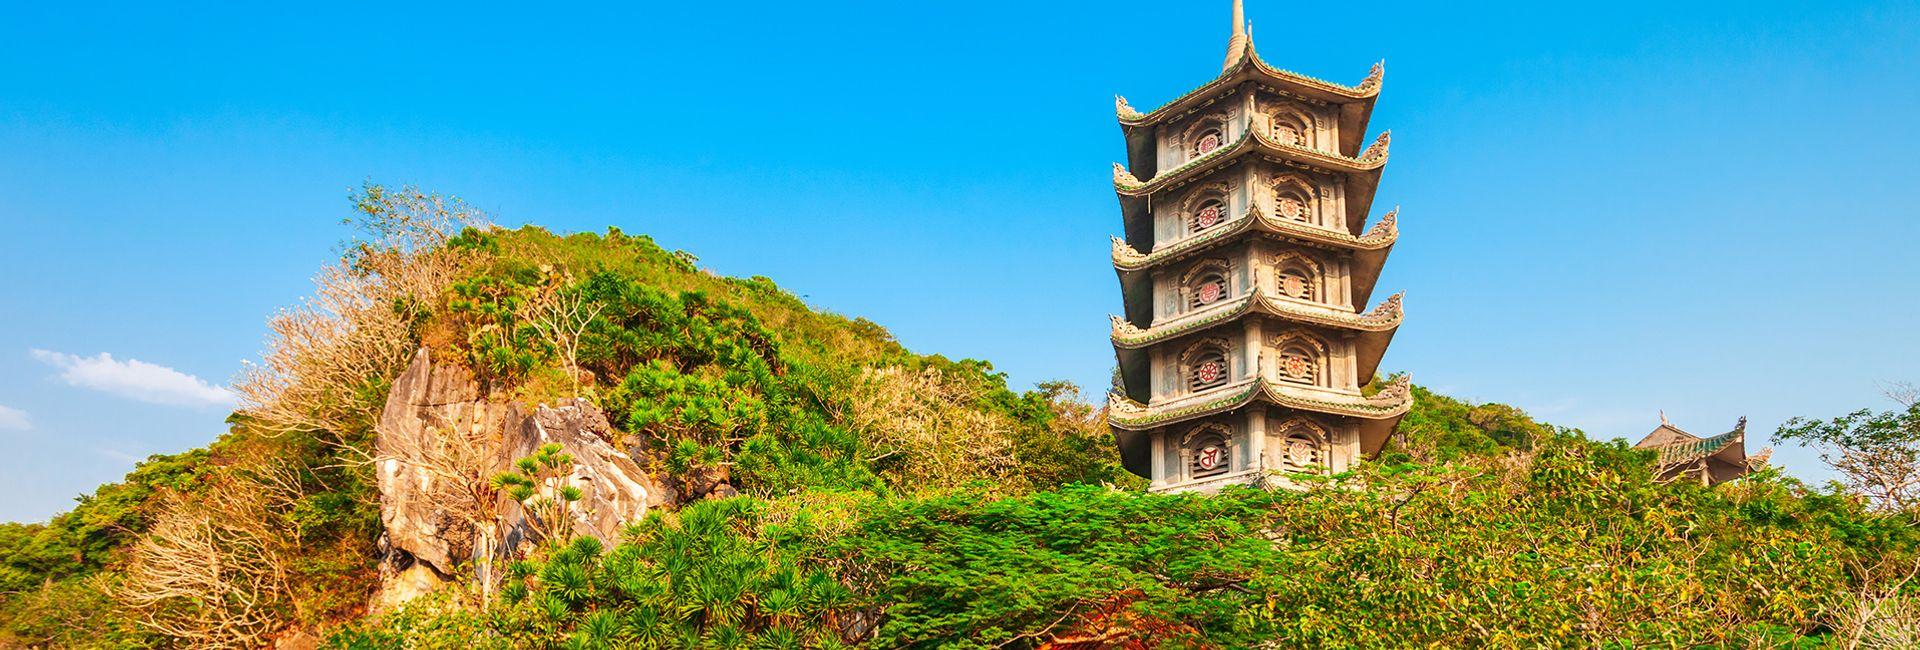 Hướng dẫn du lịch Ngũ Hành Sơn, Đà Nẵng